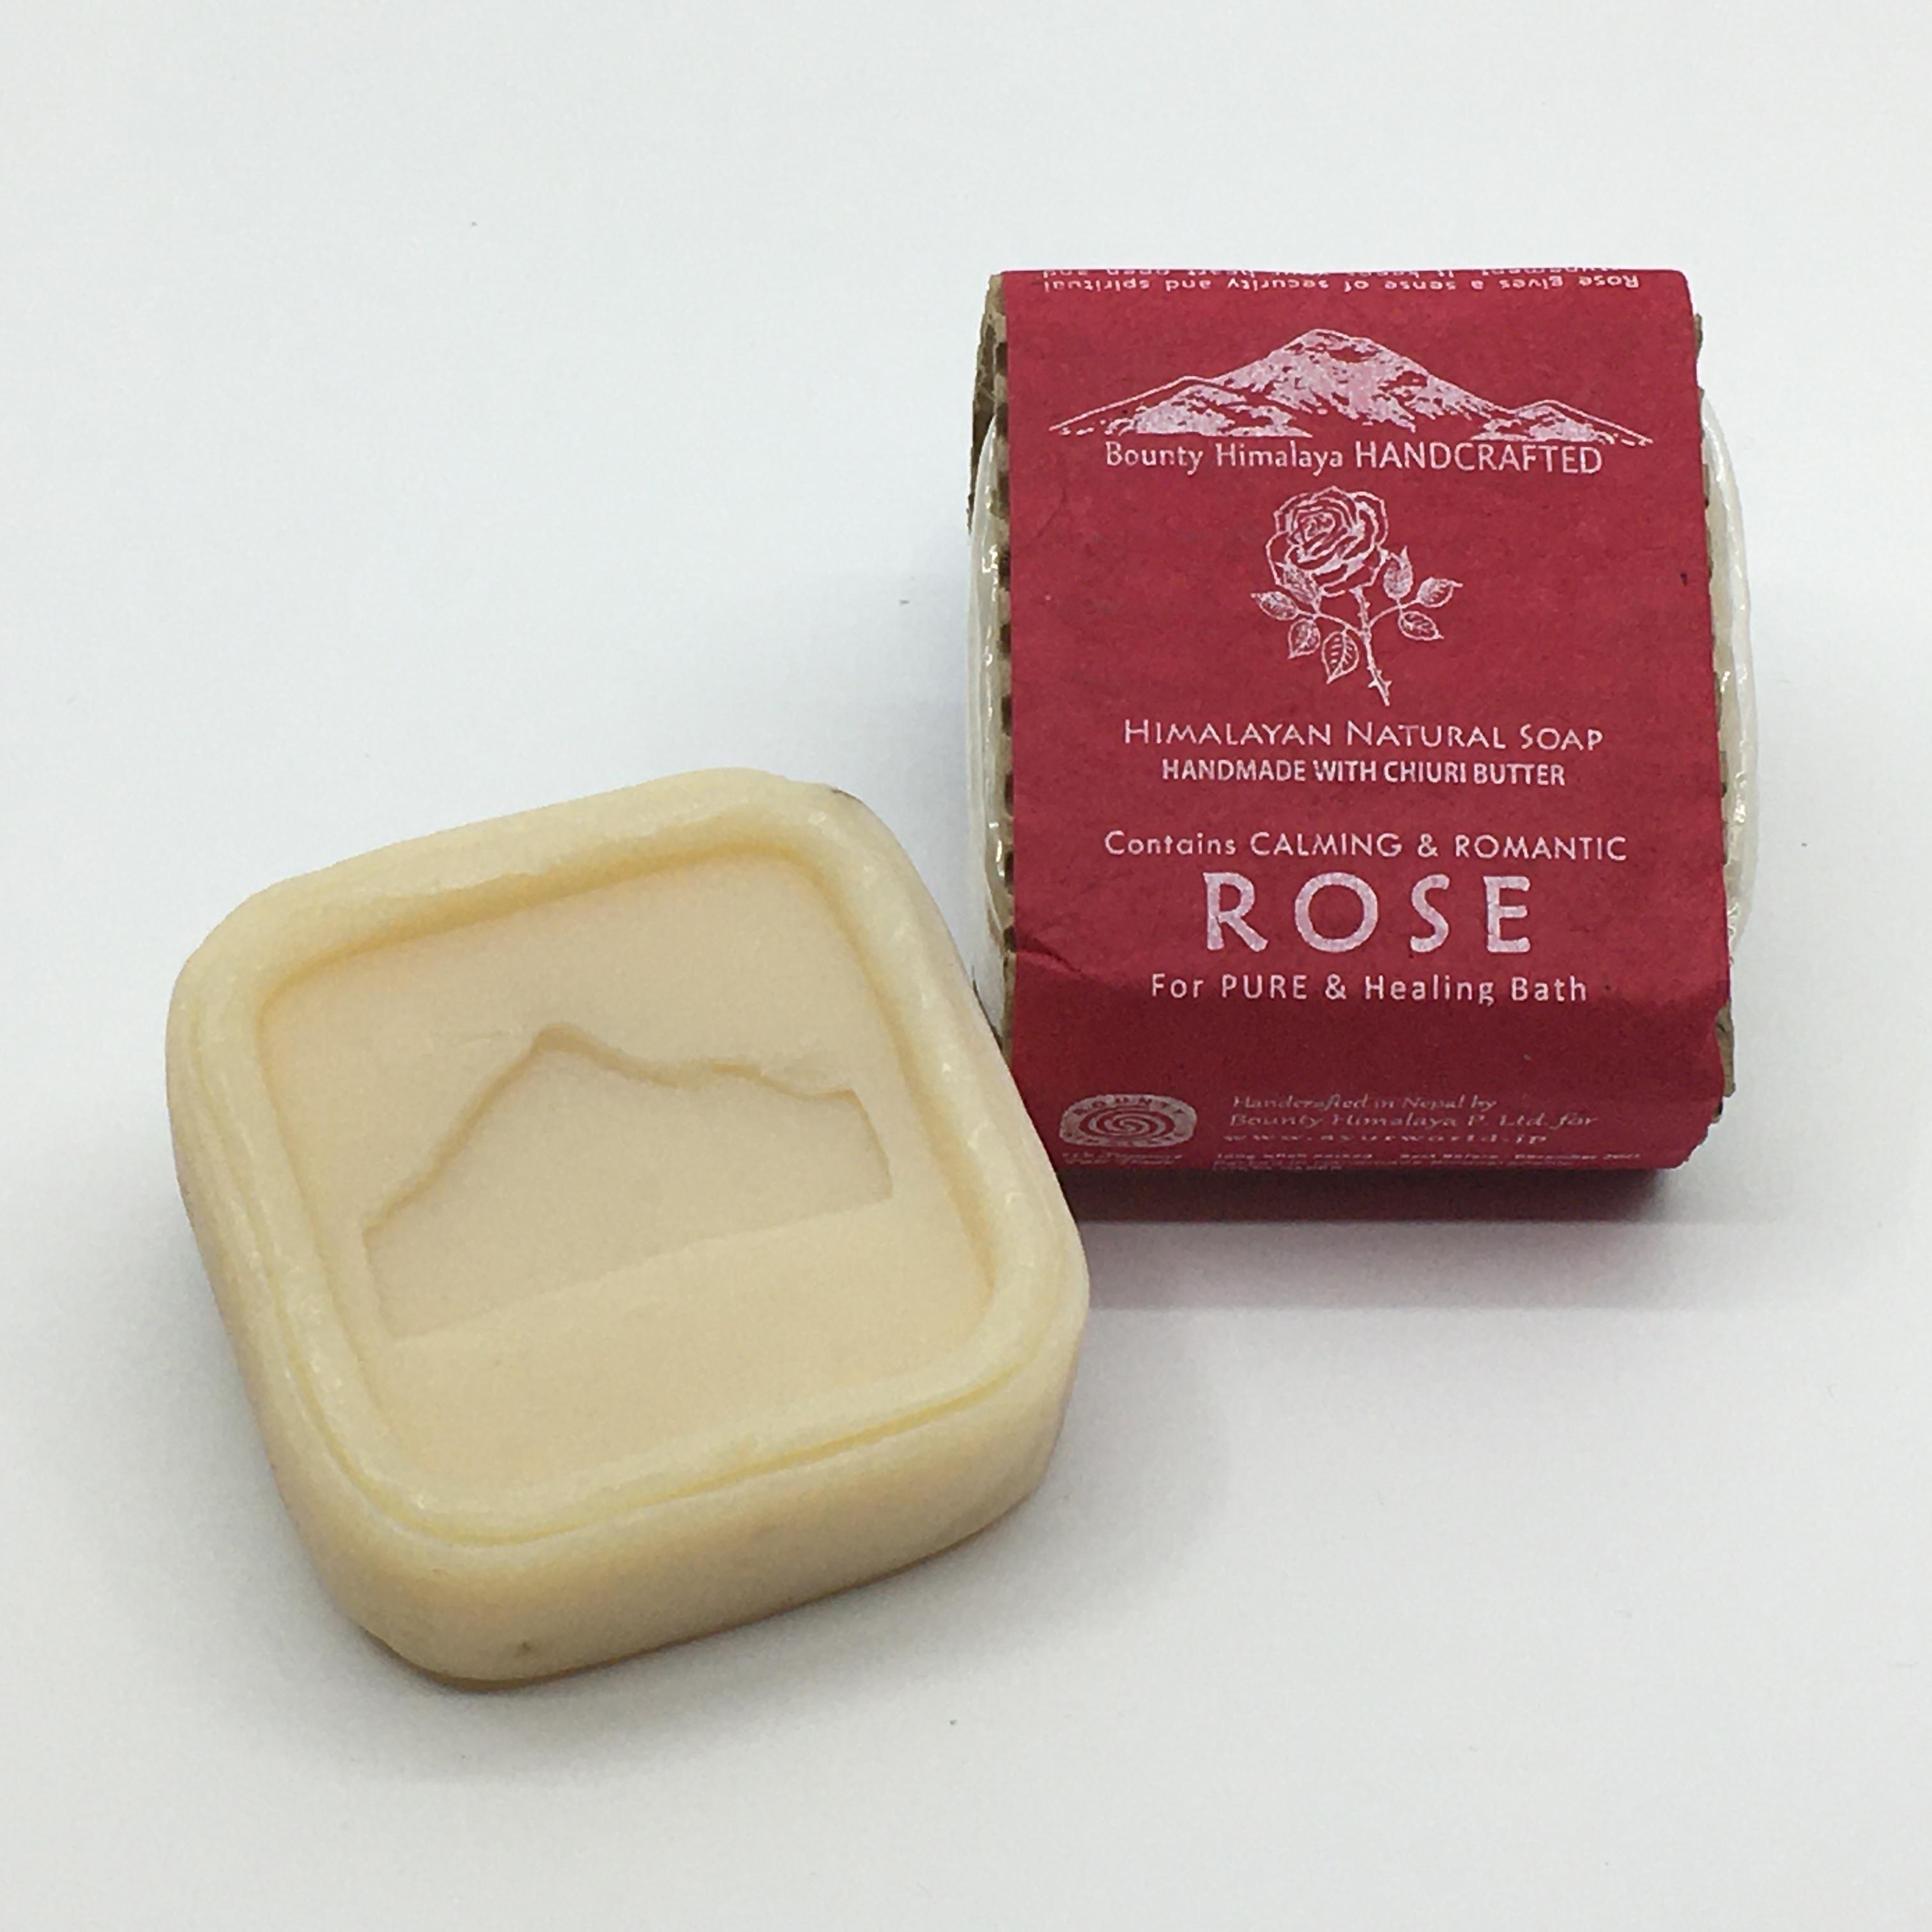 アーユルヴェーダローズソープ〈保湿〉 Bounty Himalaya Rose Soap